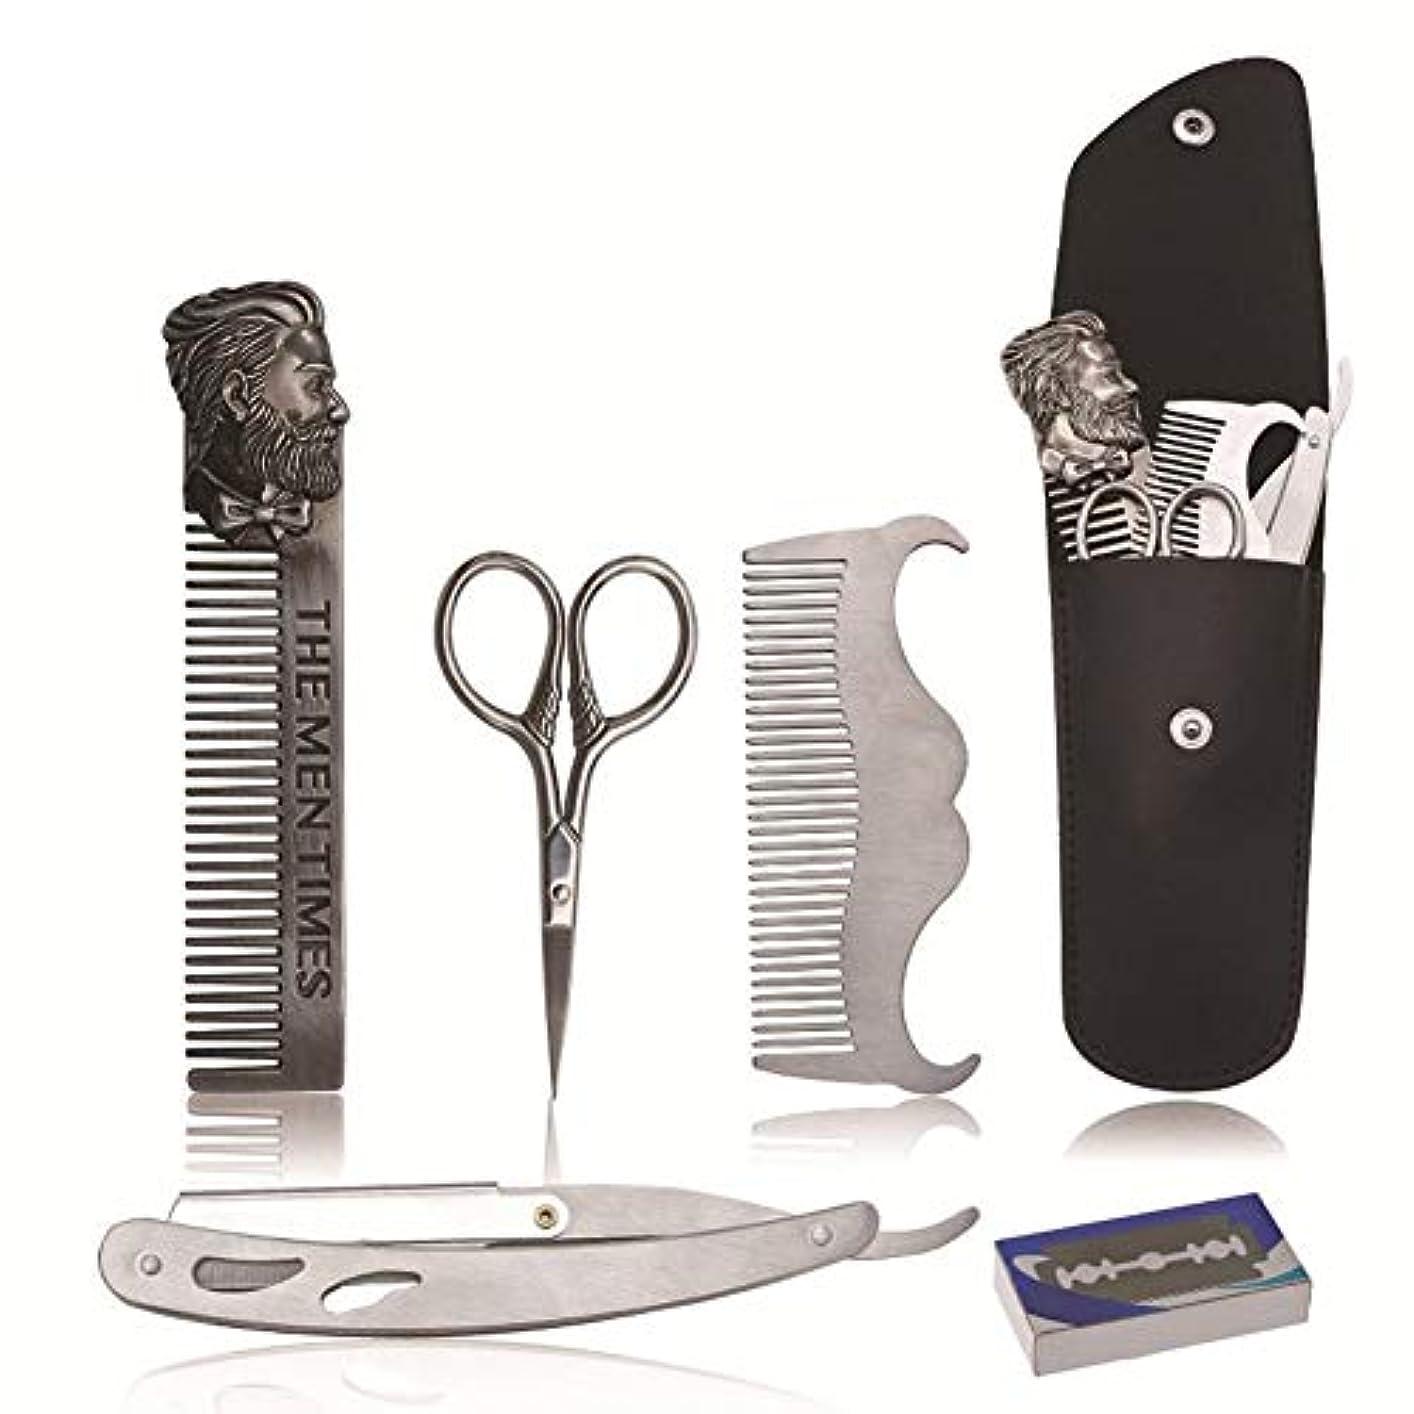 隣接ハッピーレオナルドダ5ピースは、男性Barttrimmsetのひげについてバートケアセットを設定すると、ひげの櫛ステンレス鋼、バートステンシルトリムスタイリングツール、ひげコムBartpflegesetを剃ります